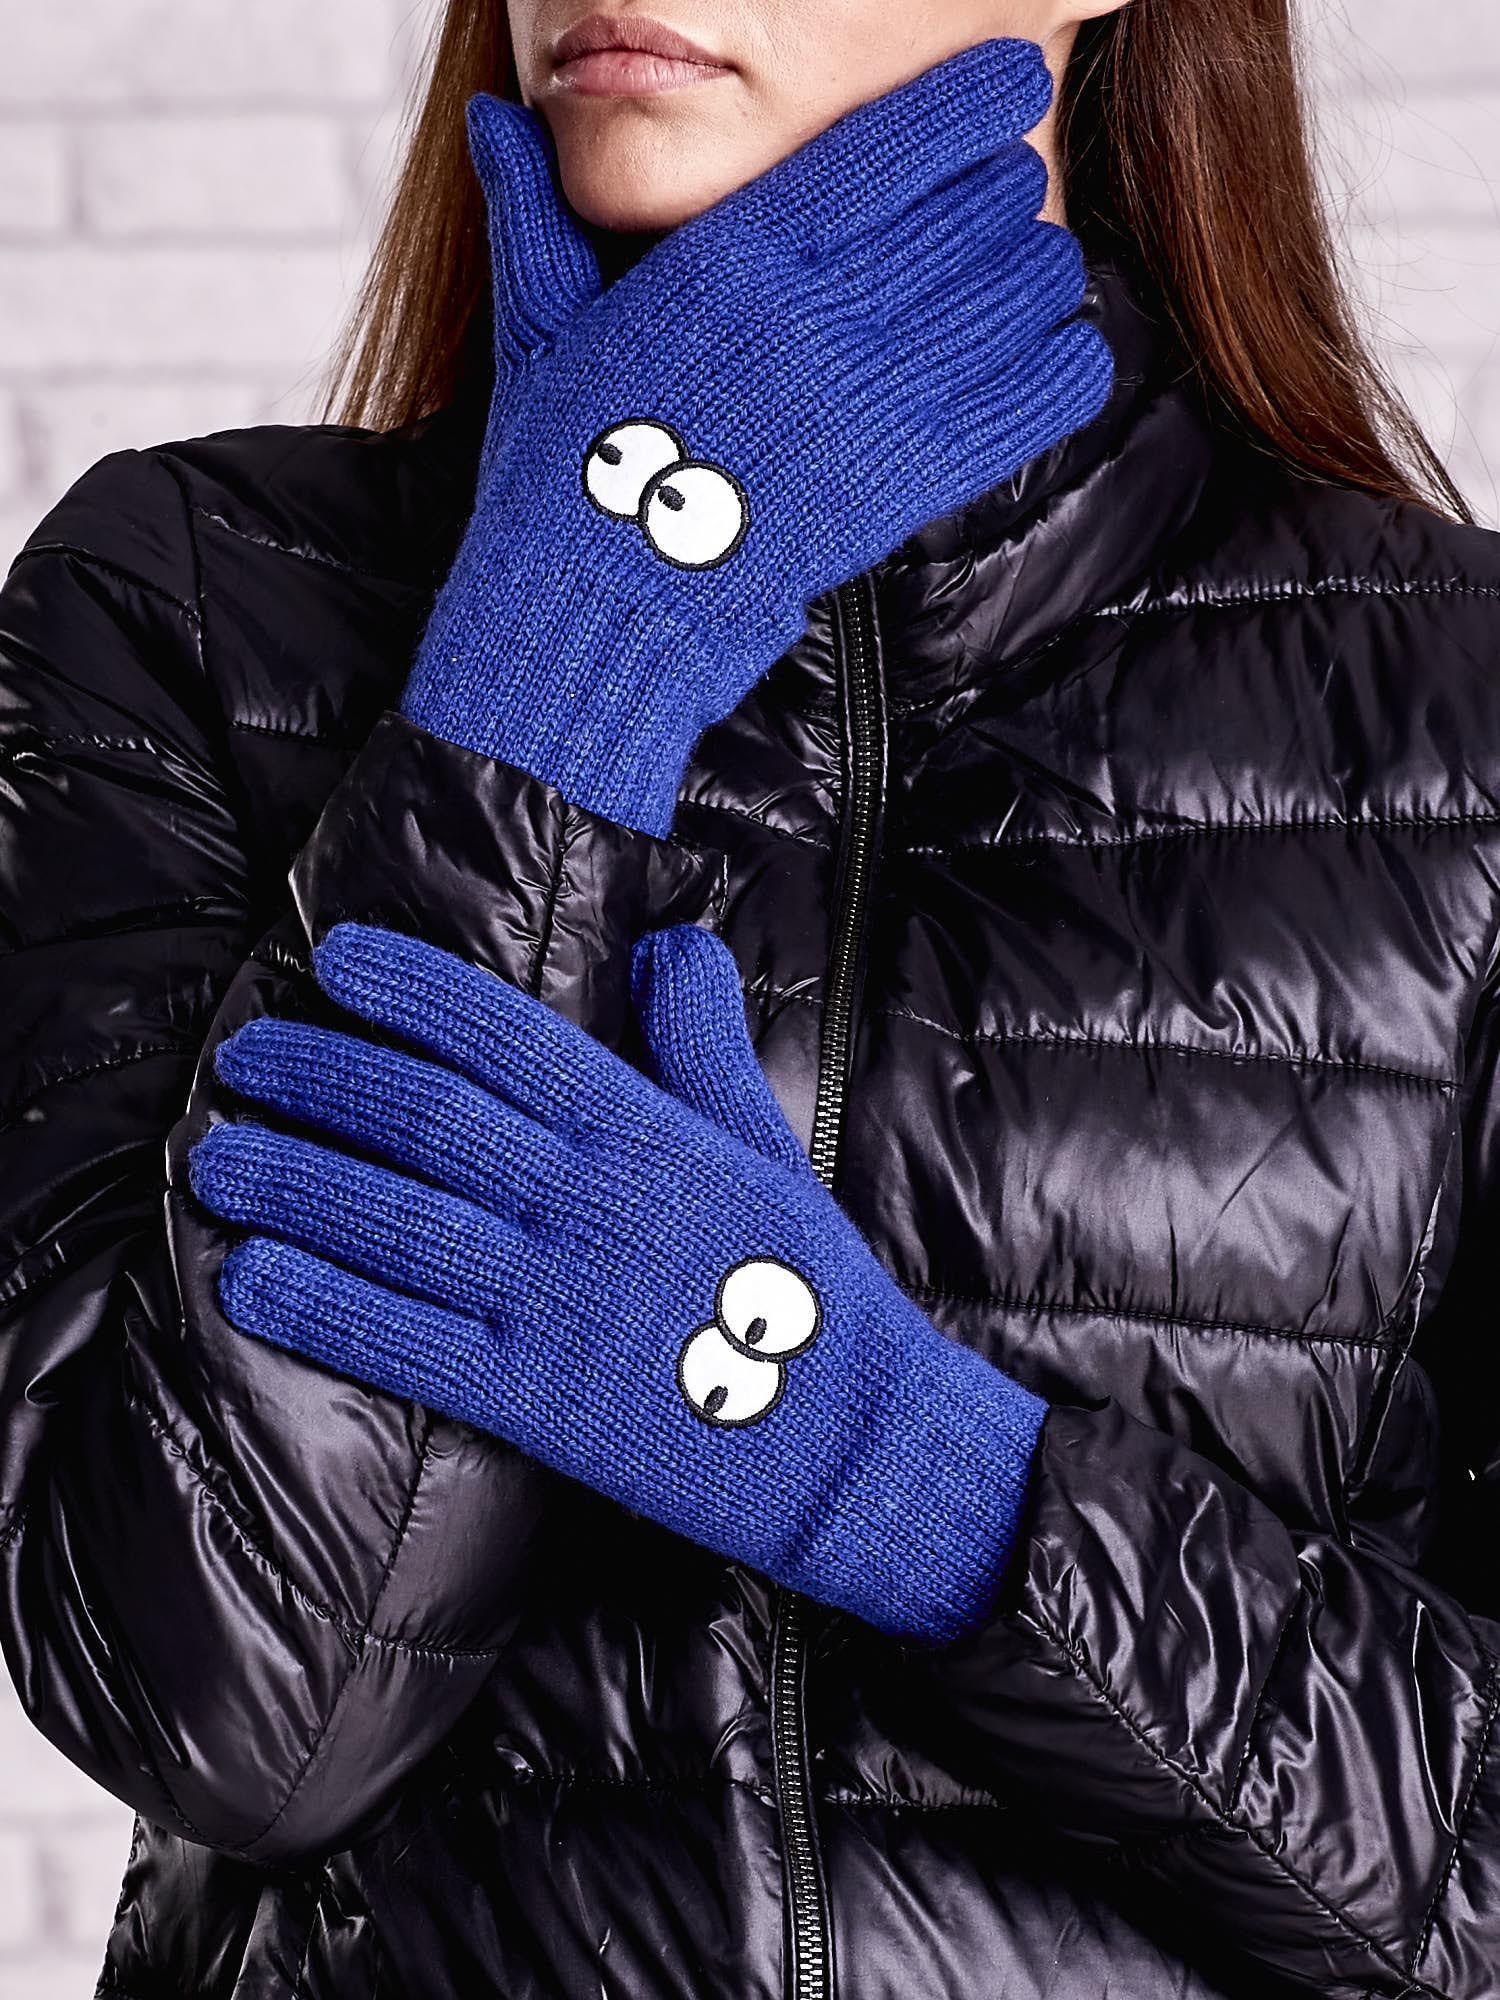 Niebieskie rękawiczki z nadrukiem oczu                                  zdj.                                  1